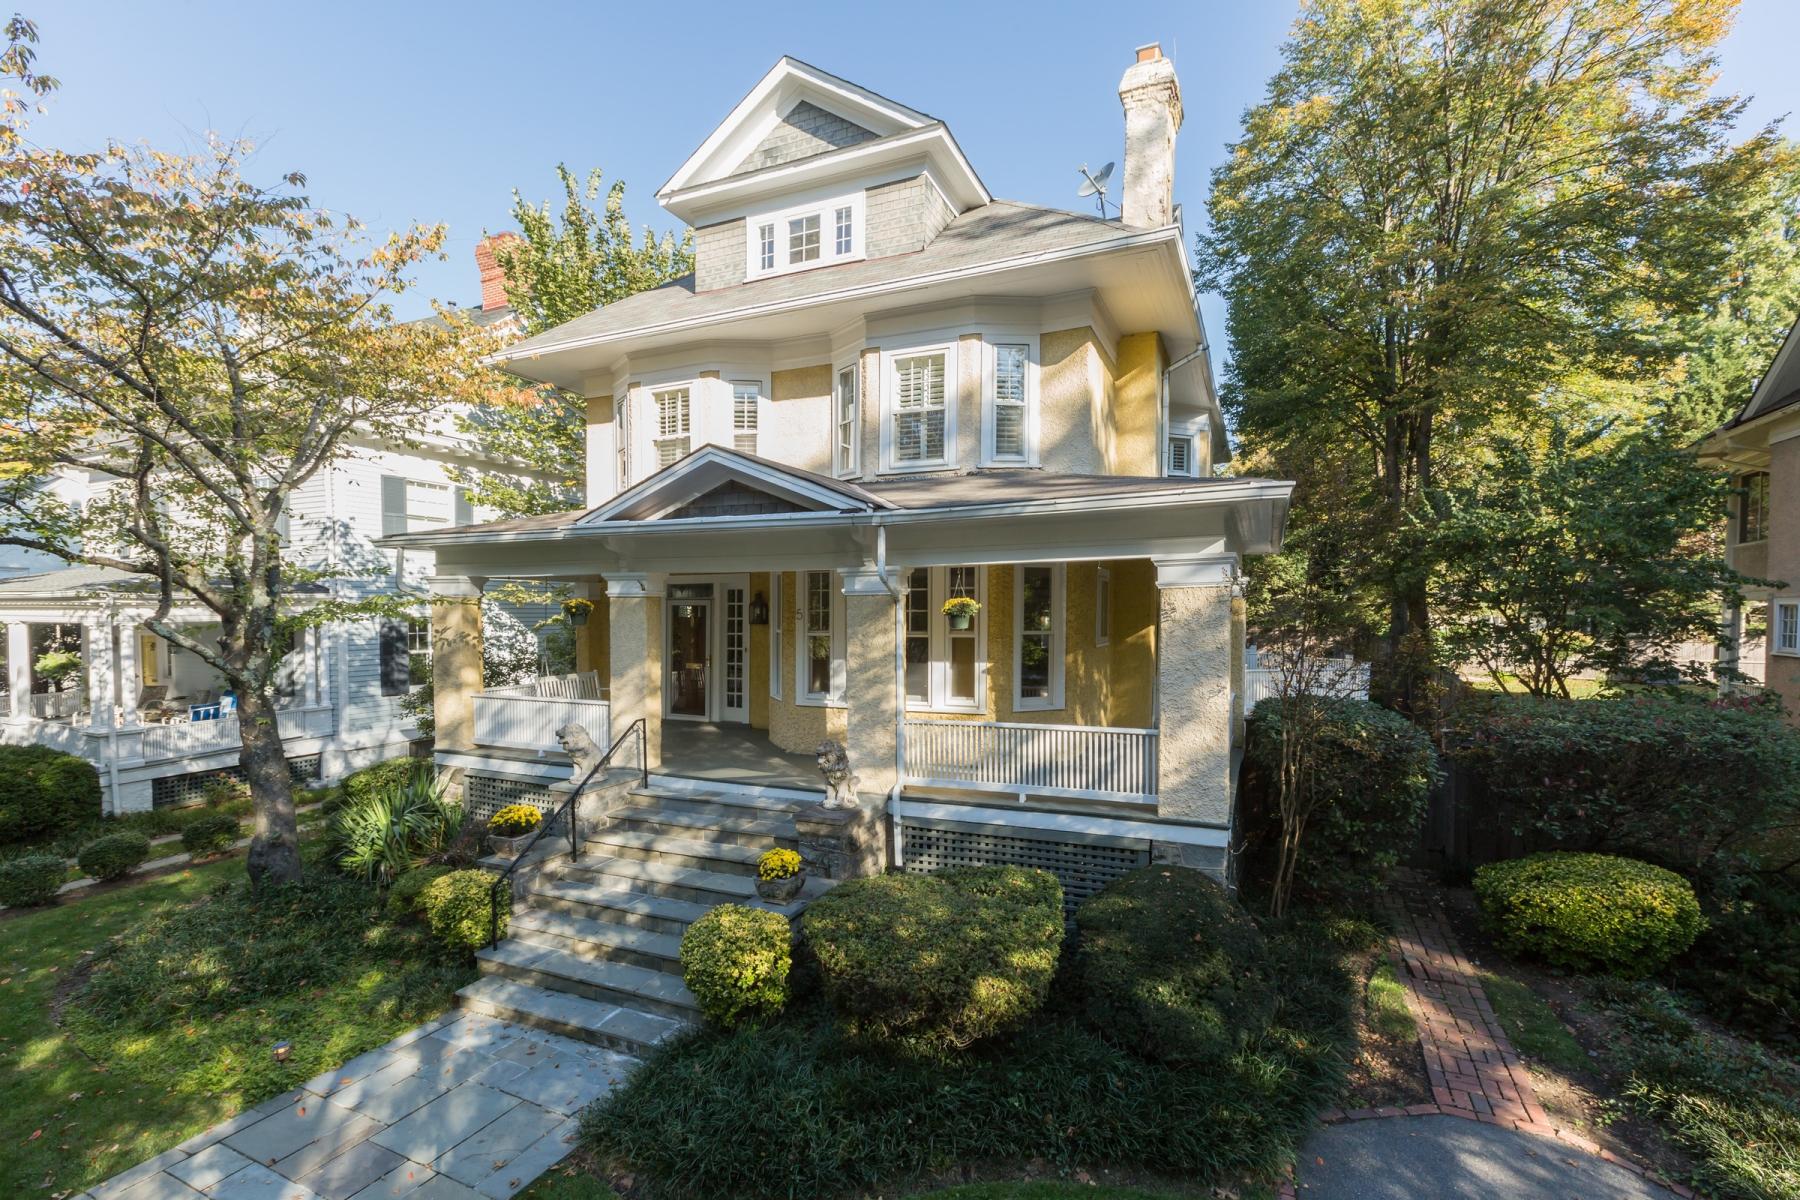 獨棟家庭住宅 為 出售 在 5 Irving Street E, Chevy Chase Chevy Chase, 馬里蘭州, 20815 美國